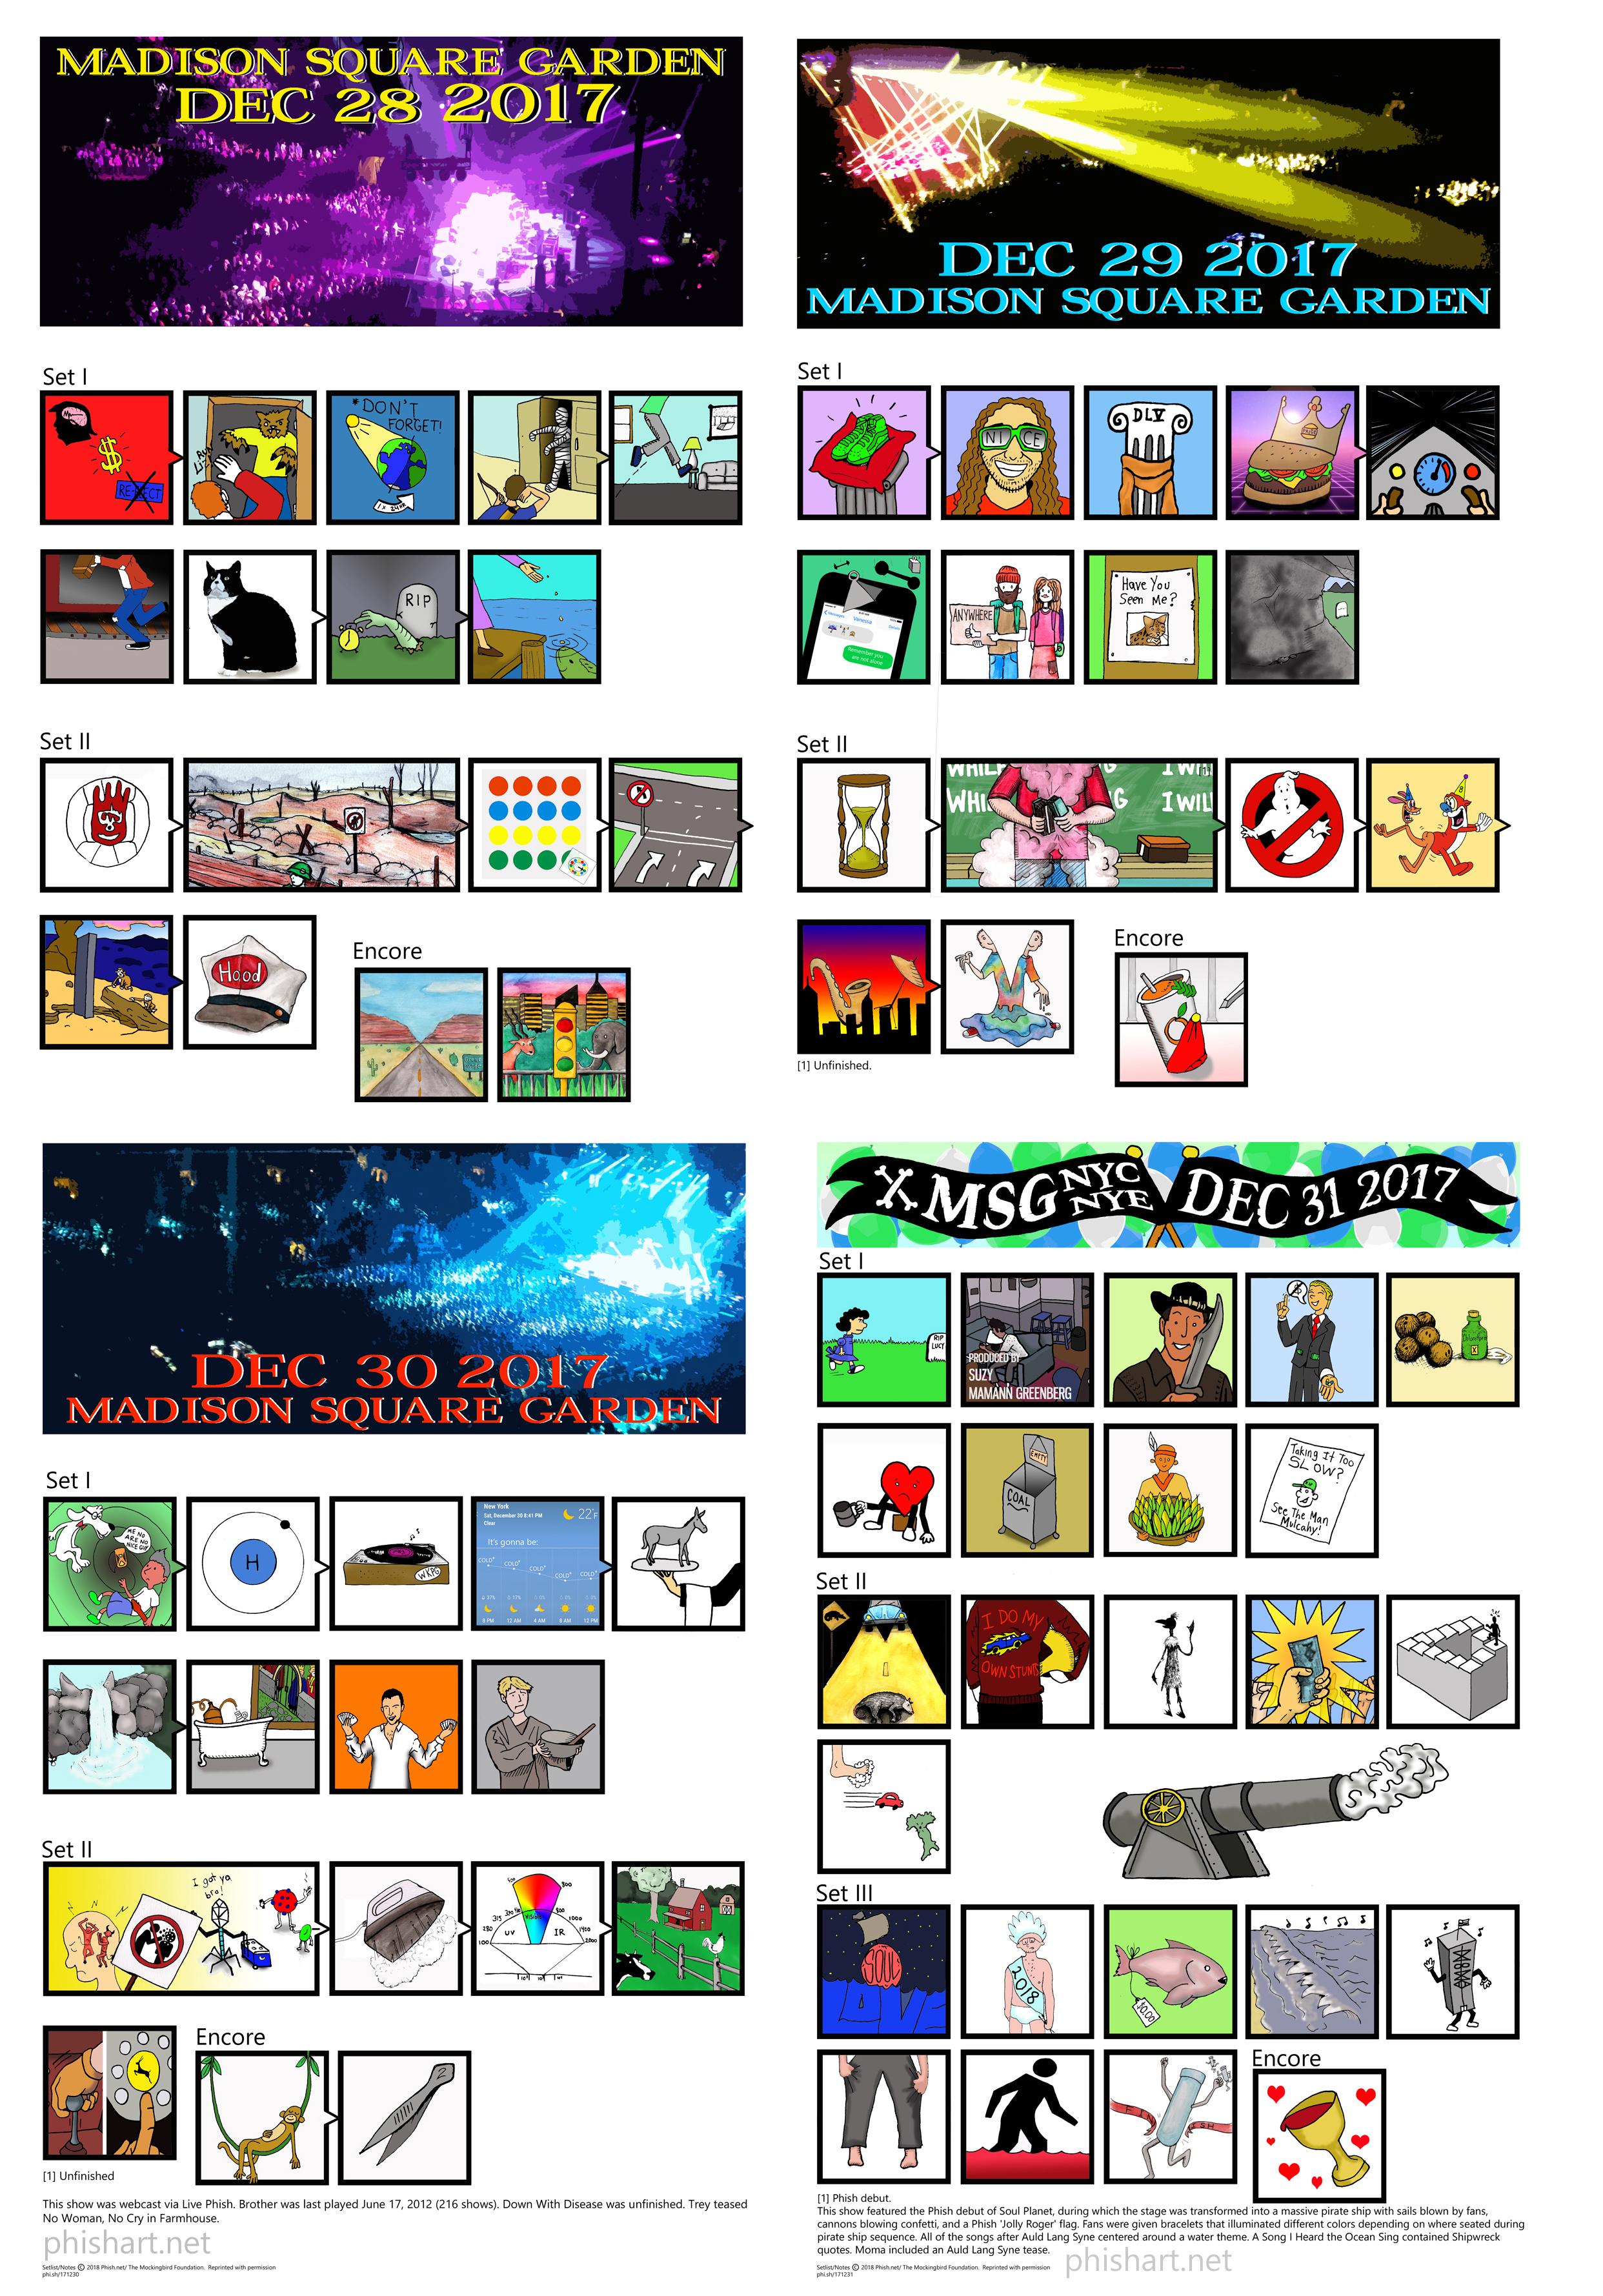 12-28-17 copy - Copy - Copy.jpg